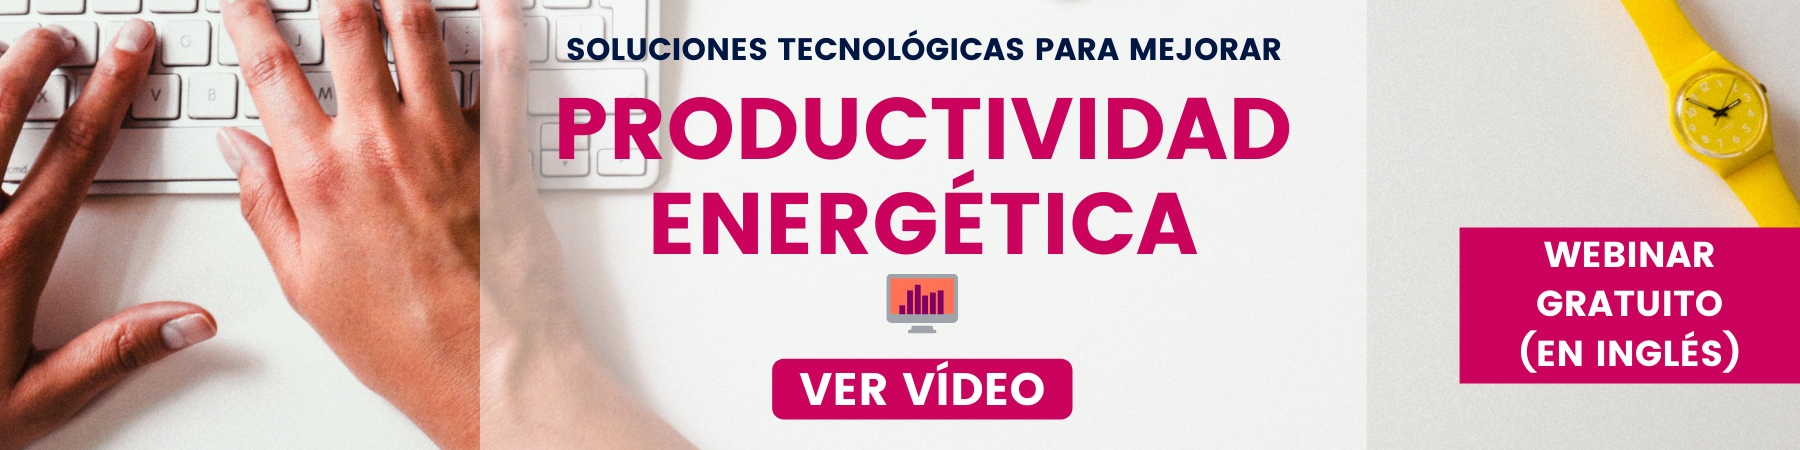 Productividad Energética EP100 Climate Group webinario